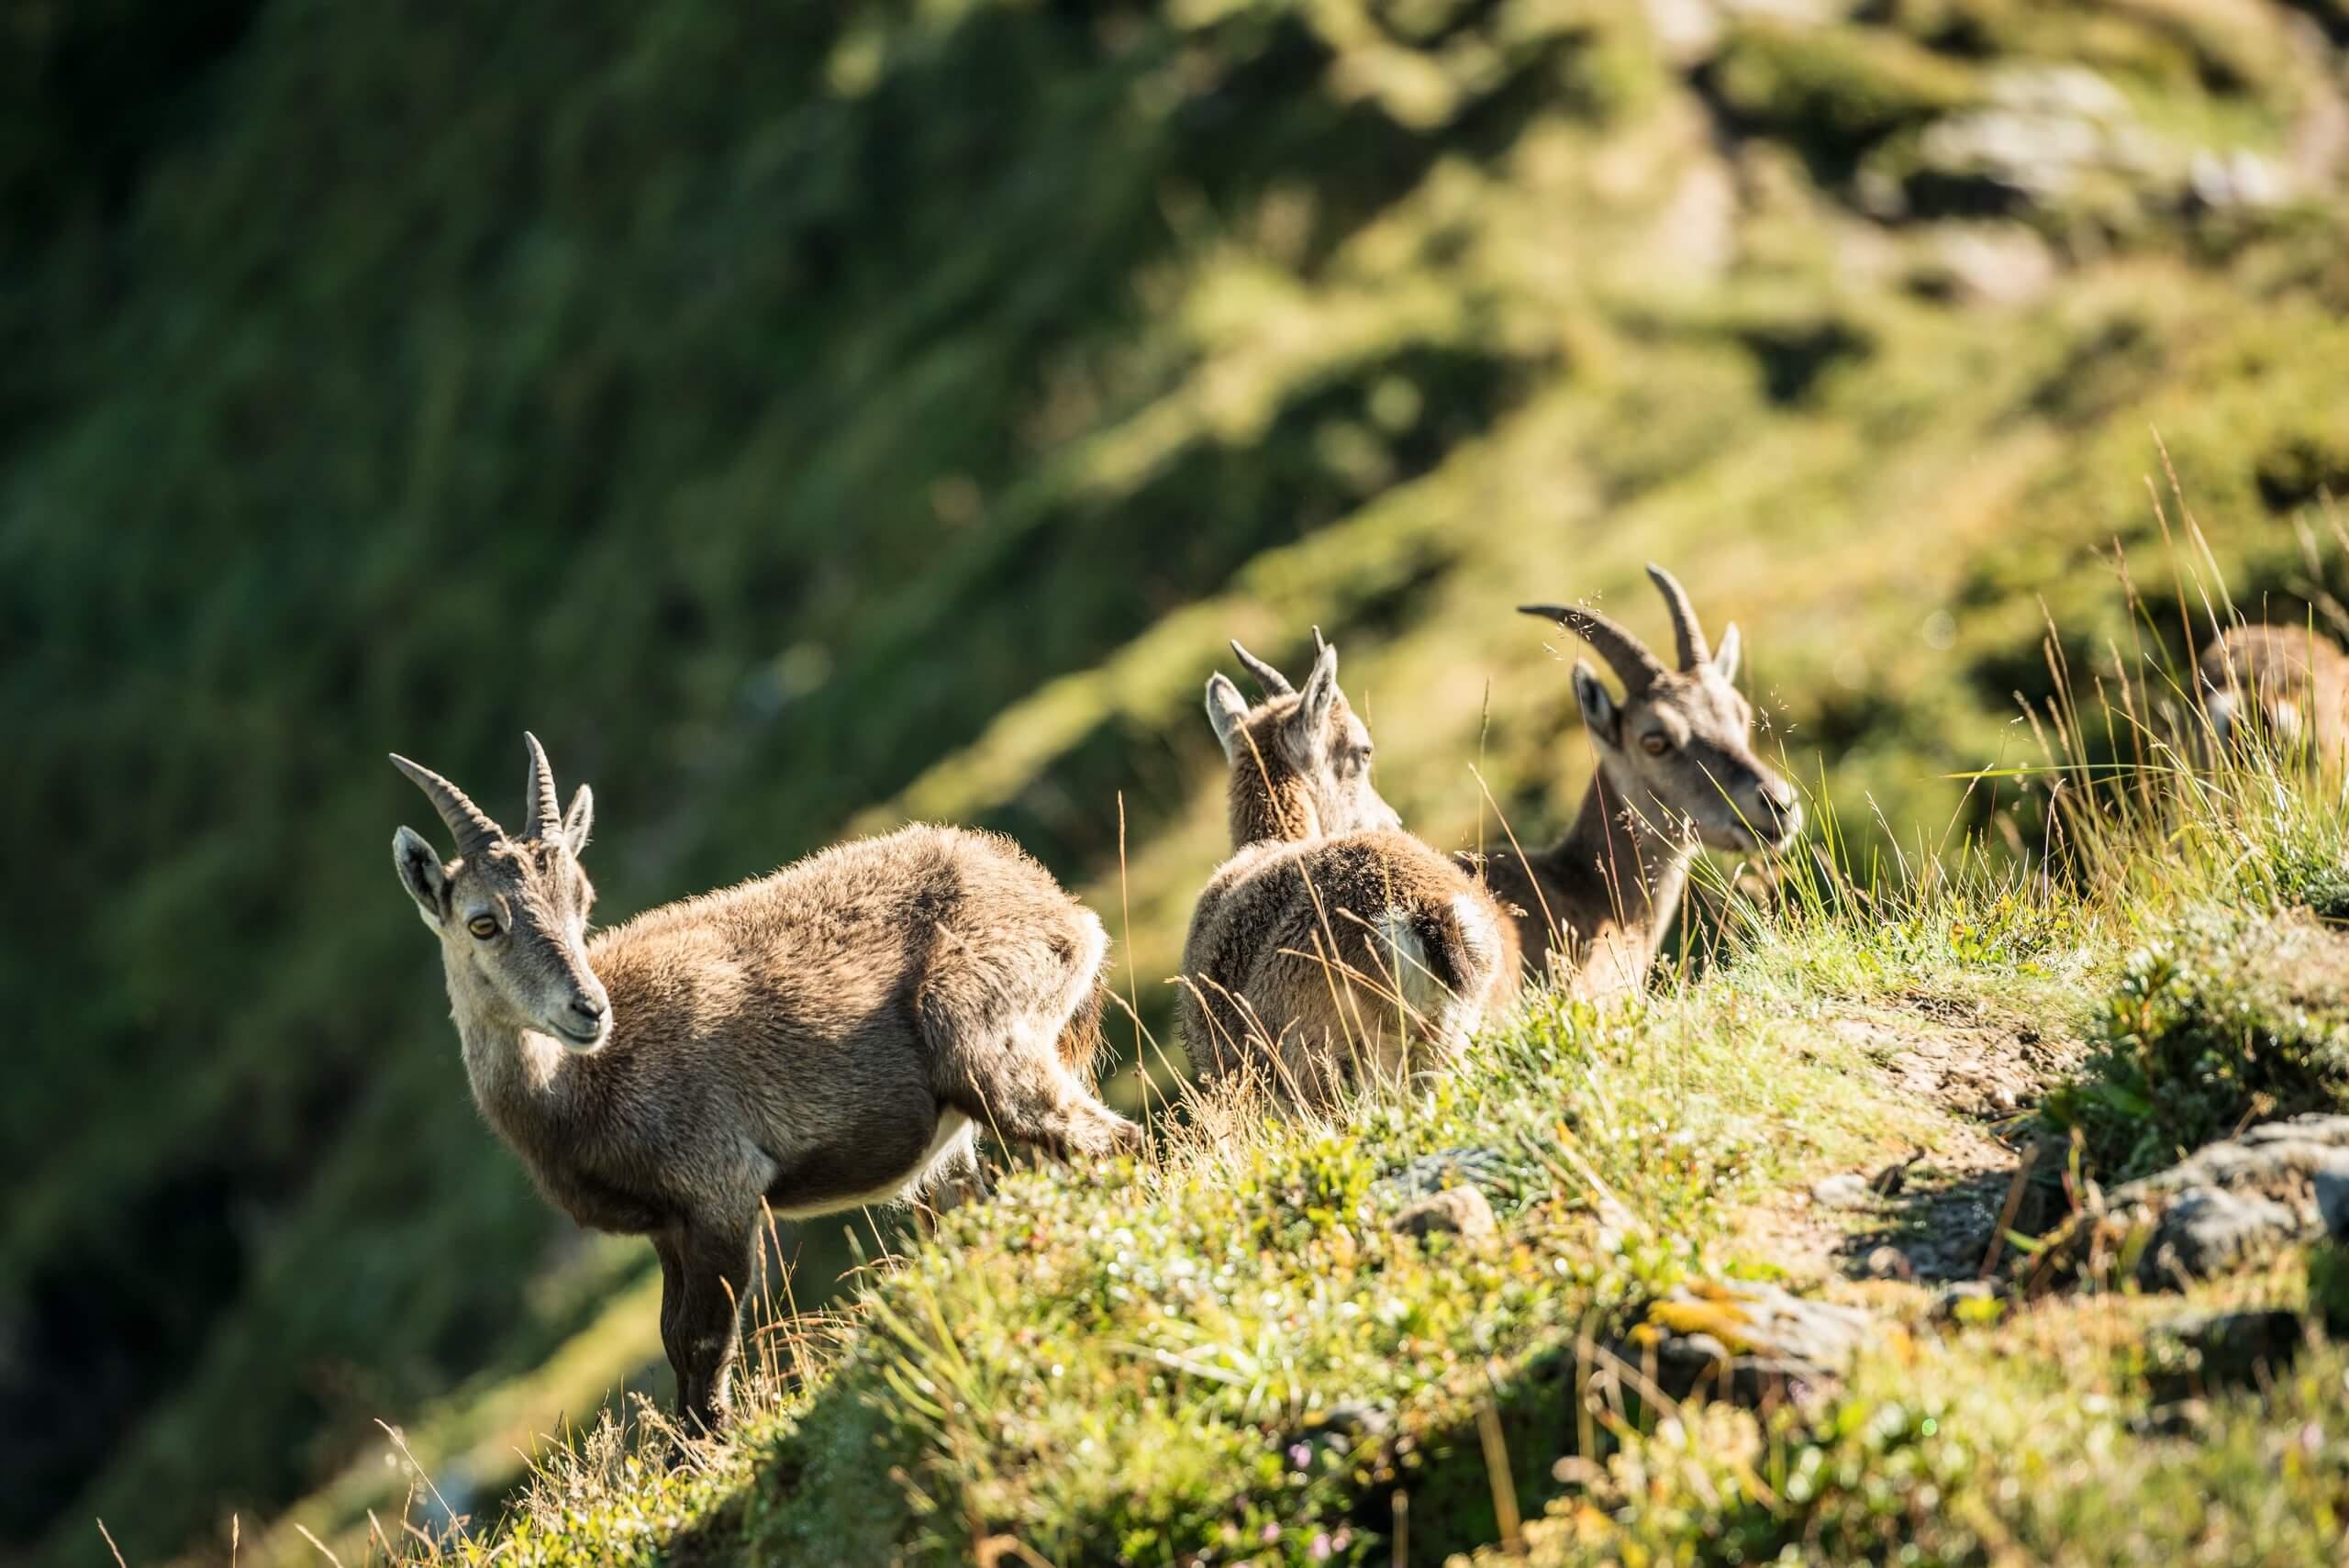 niederhorn-wildbeobachtungen-herbst-steinboecke-jung